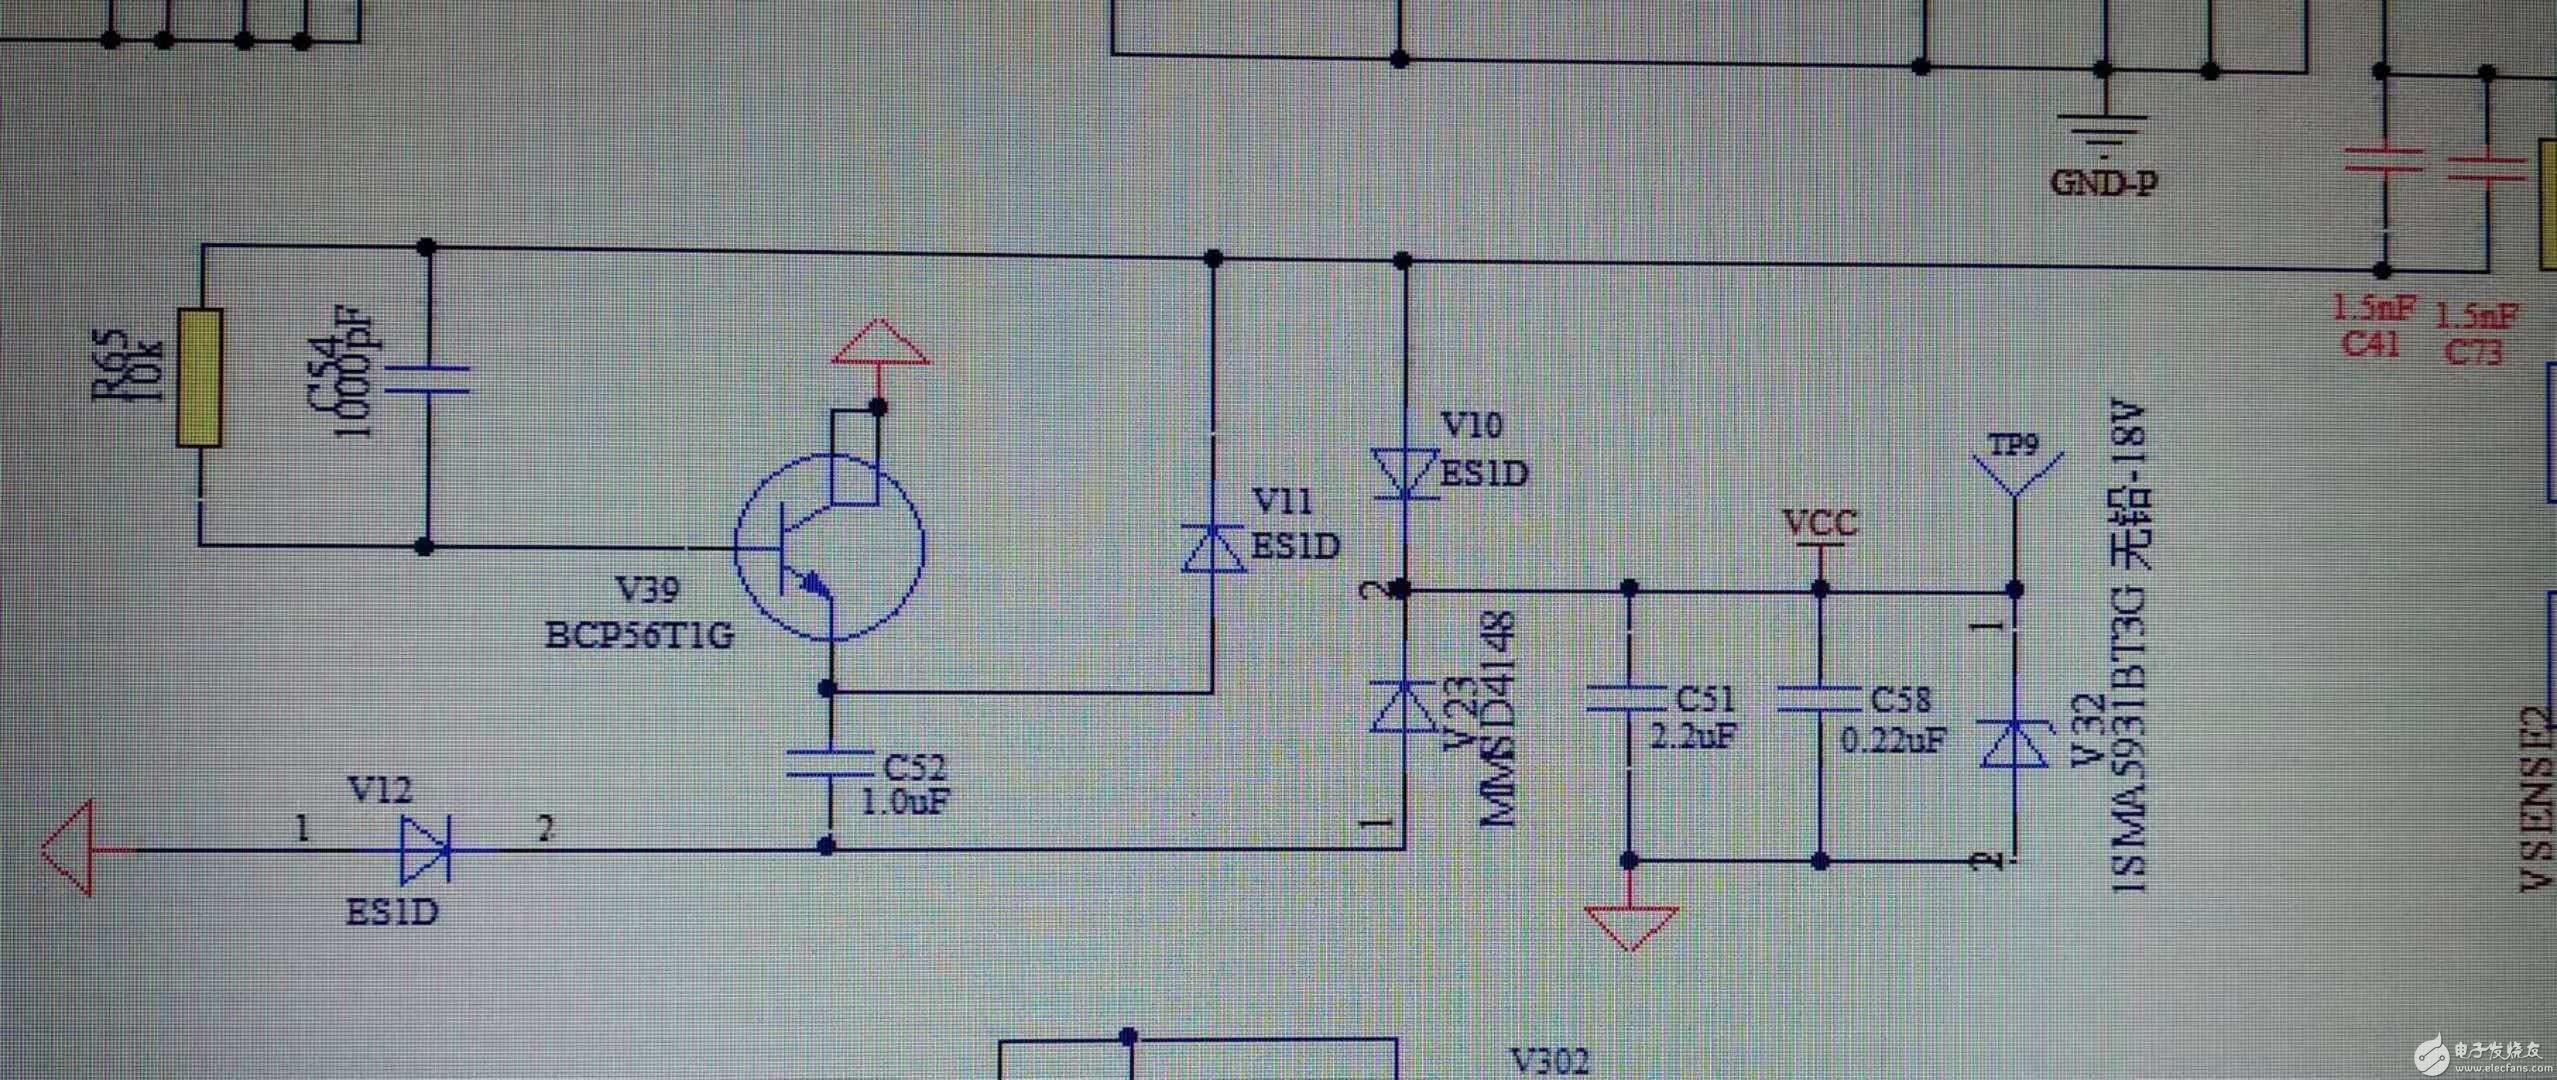 請問這個電路的功能是什么?